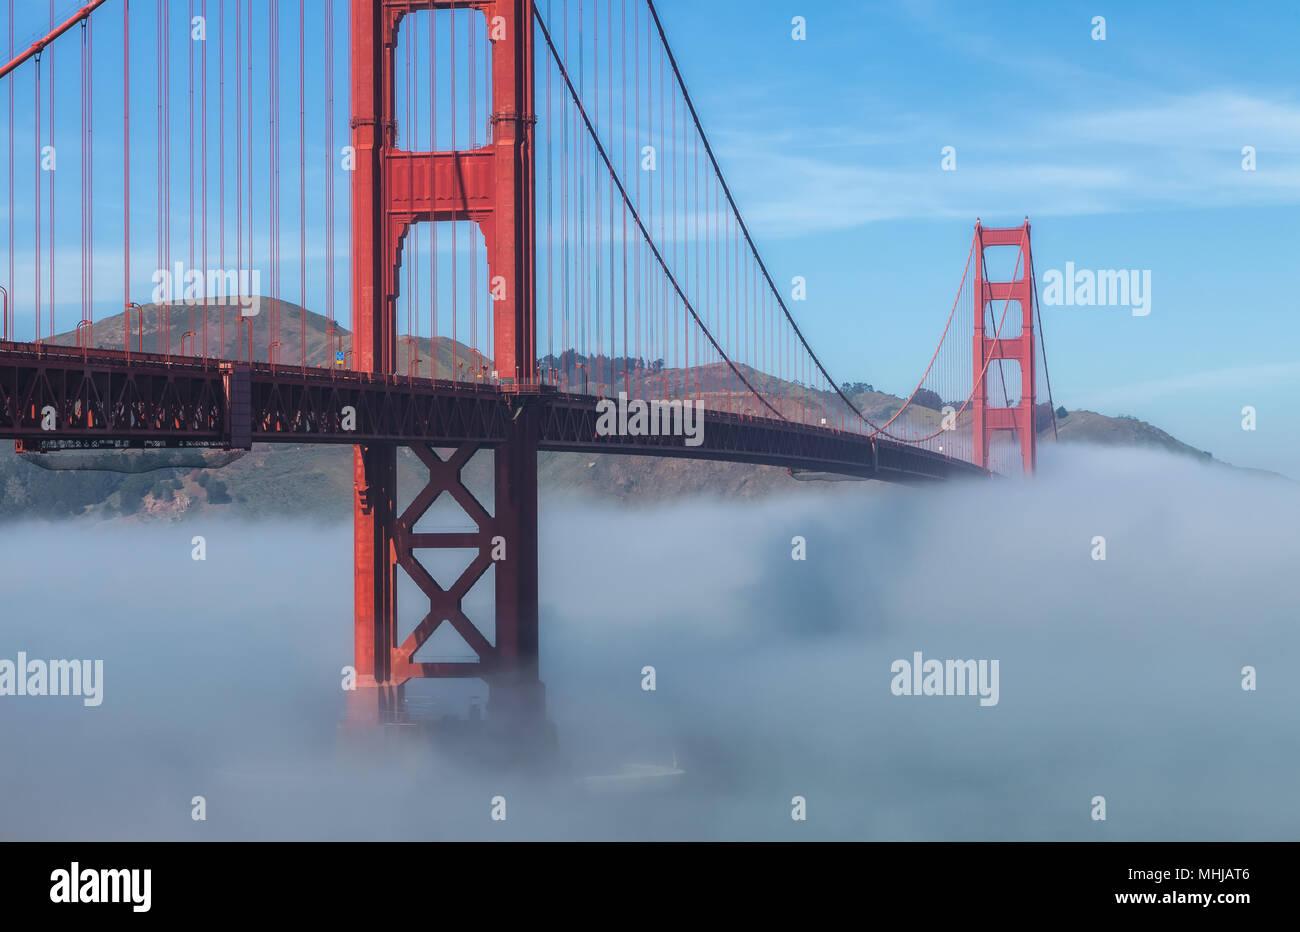 Dicke niedrige Nebel unter der Golden Gate Bridge in San Francisco, Kalifornien, USA, auf einem frühen Frühling Morgen gebildet. Stockbild